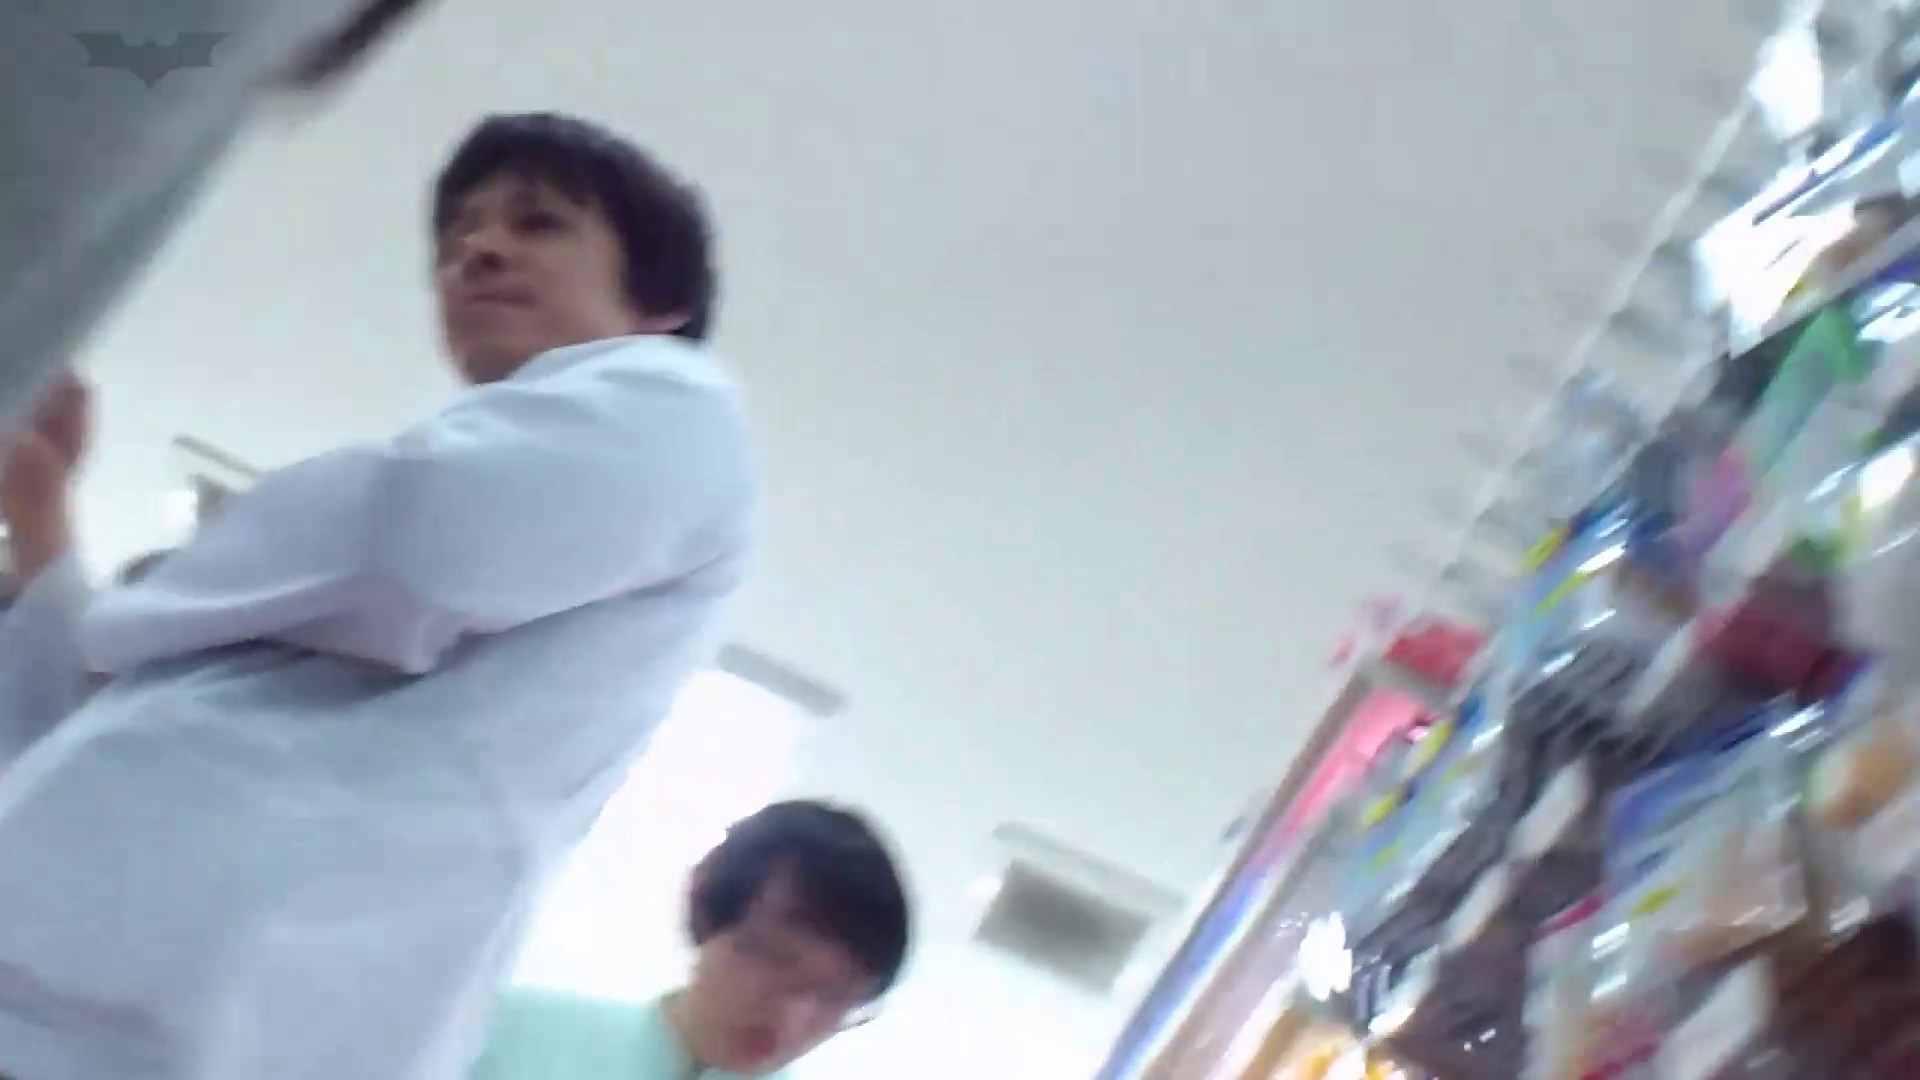 盗撮列車 Vol.52 破れたパンストの絶景 パンスト われめAV動画紹介 29画像 7